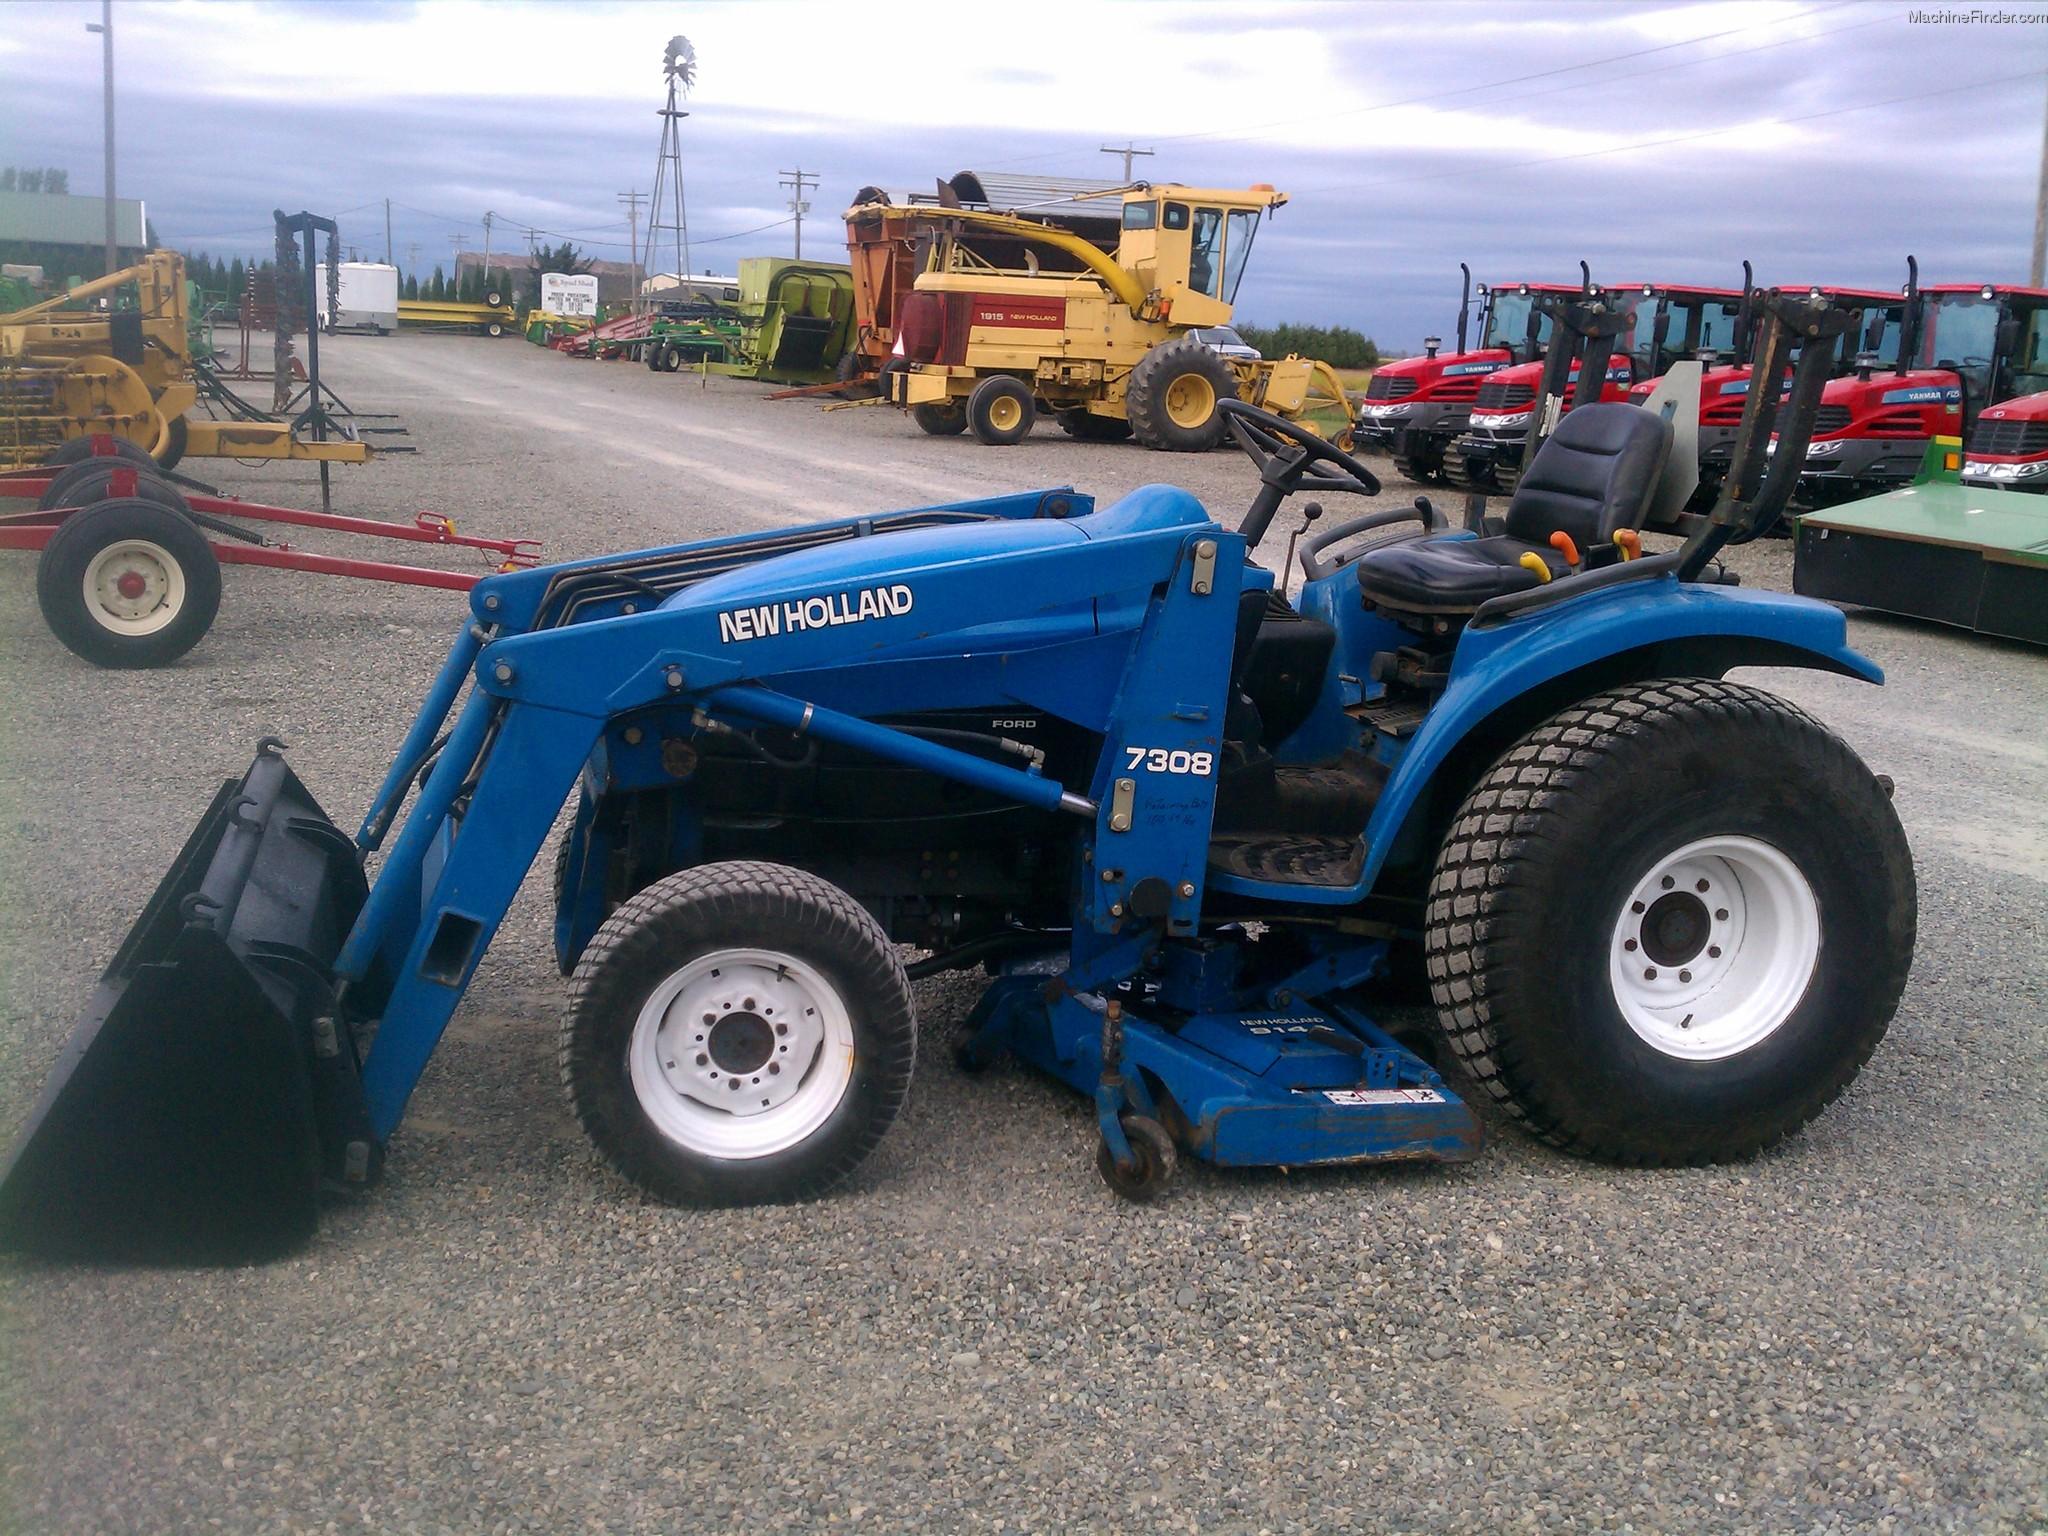 New Holland Compact Tractors Parts : New holland tractors compact hp john